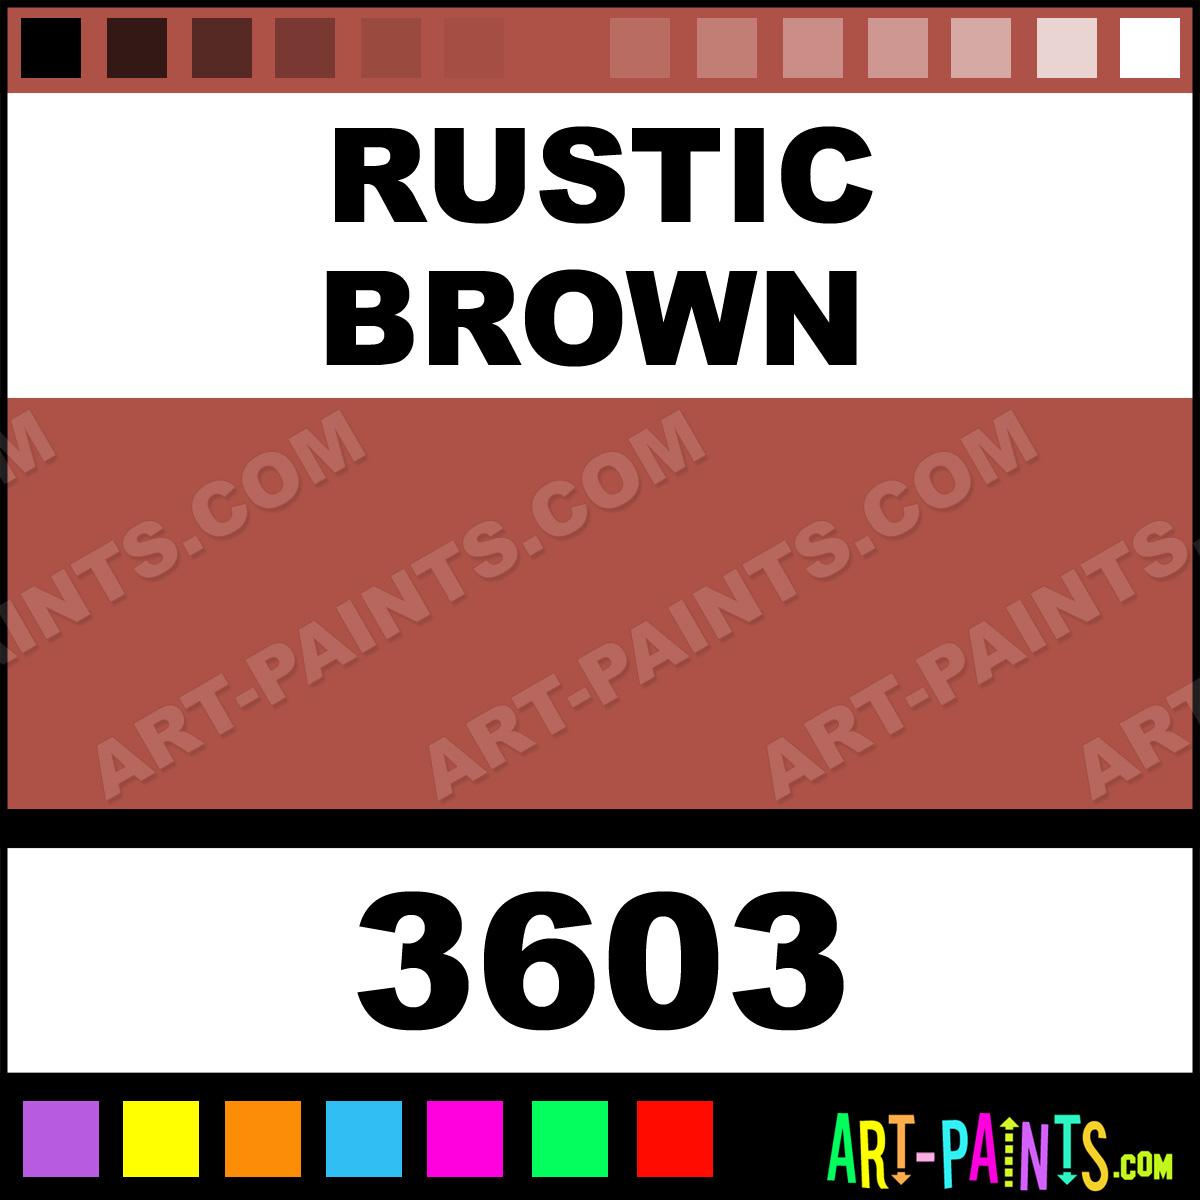 Rustic Brown Paint